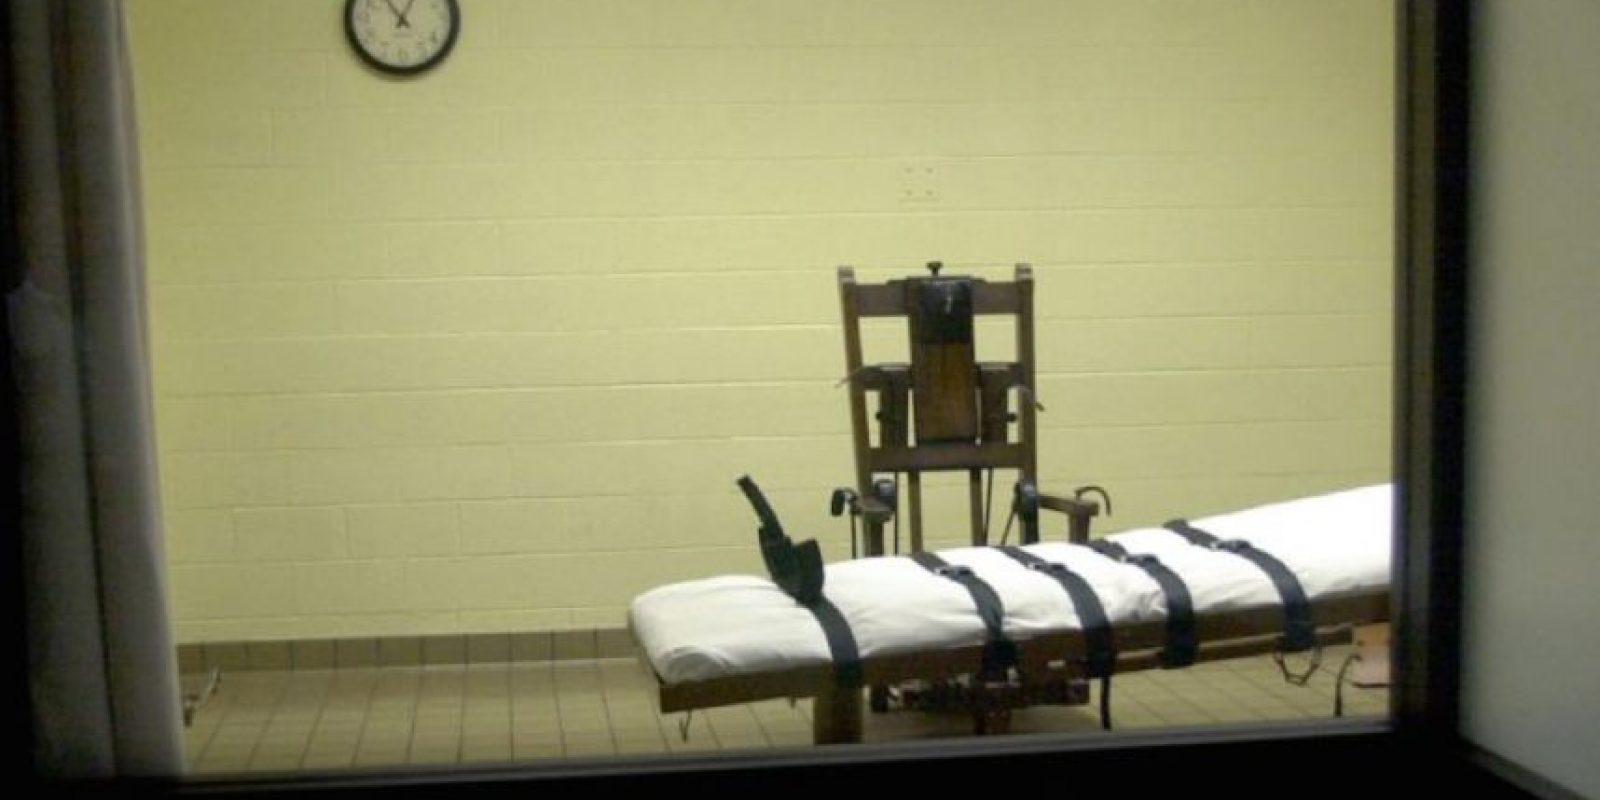 5. El número de ejecuciones registradas en la región de Oriente Medio y el Norte de África descendió aproximadamente un 23 por ciento: de 638 en 2013 a 491 en 2014. Foto:vía Getty Images